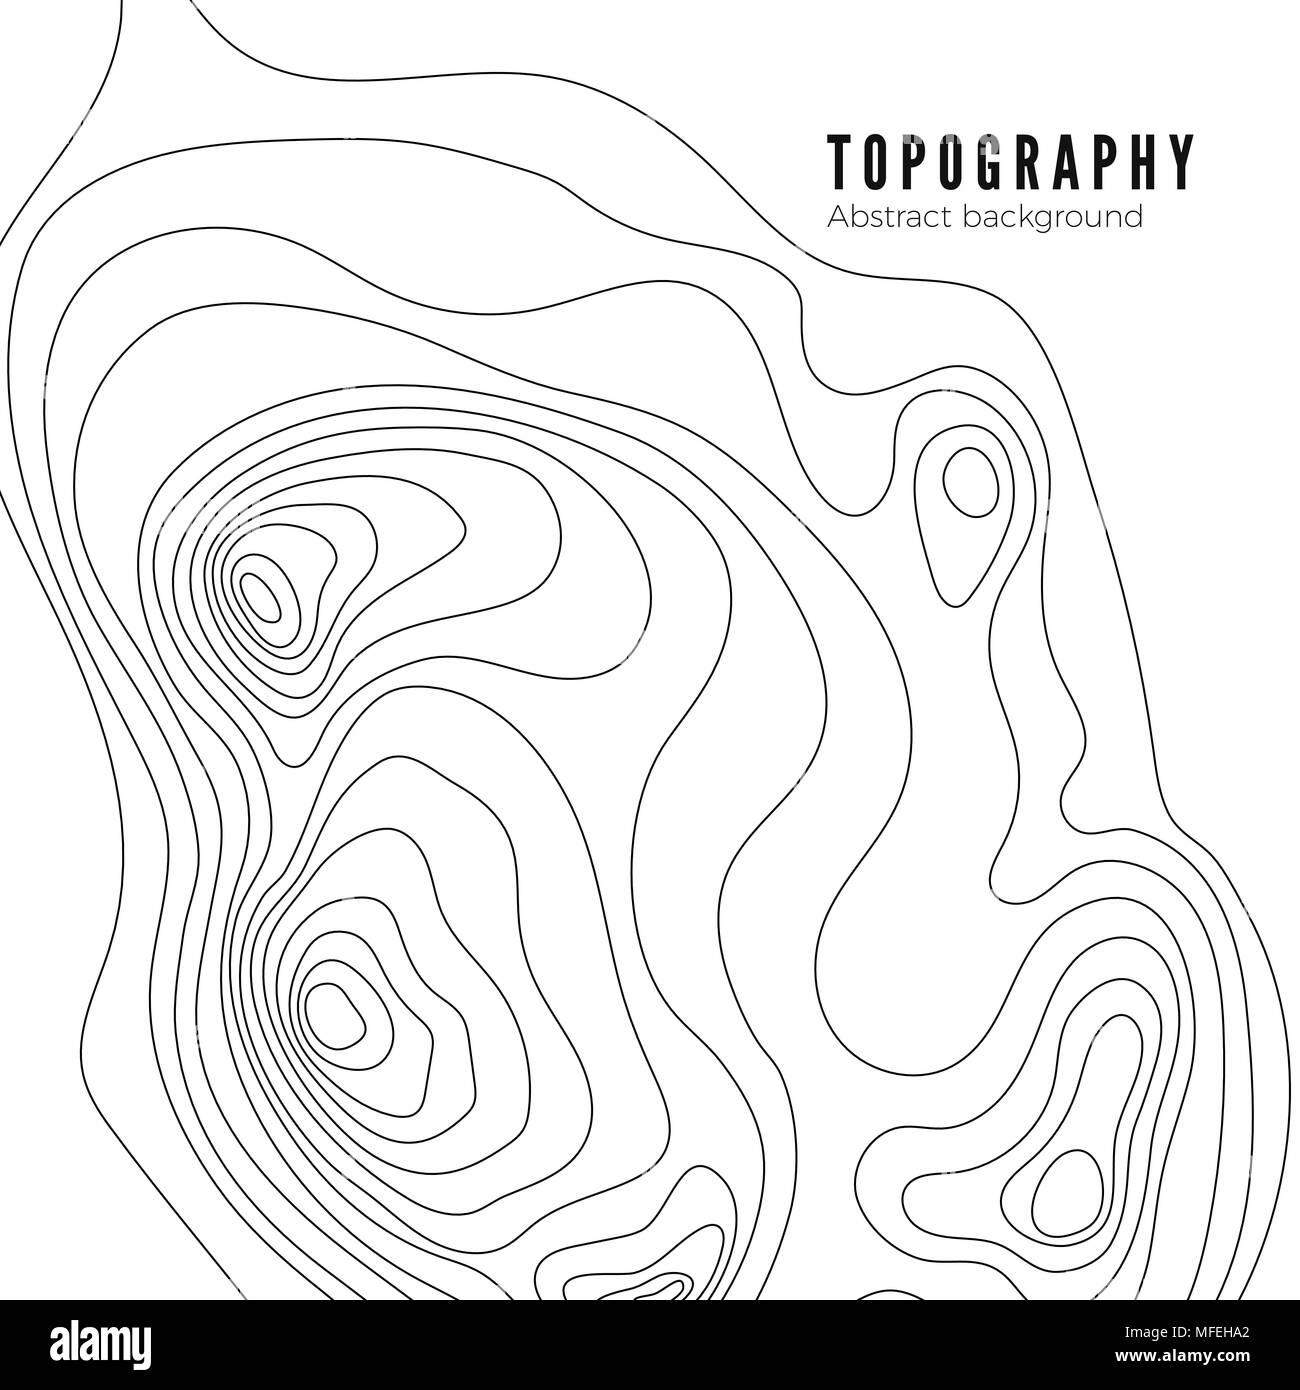 Topographic Map Contour Background Pattern Contour